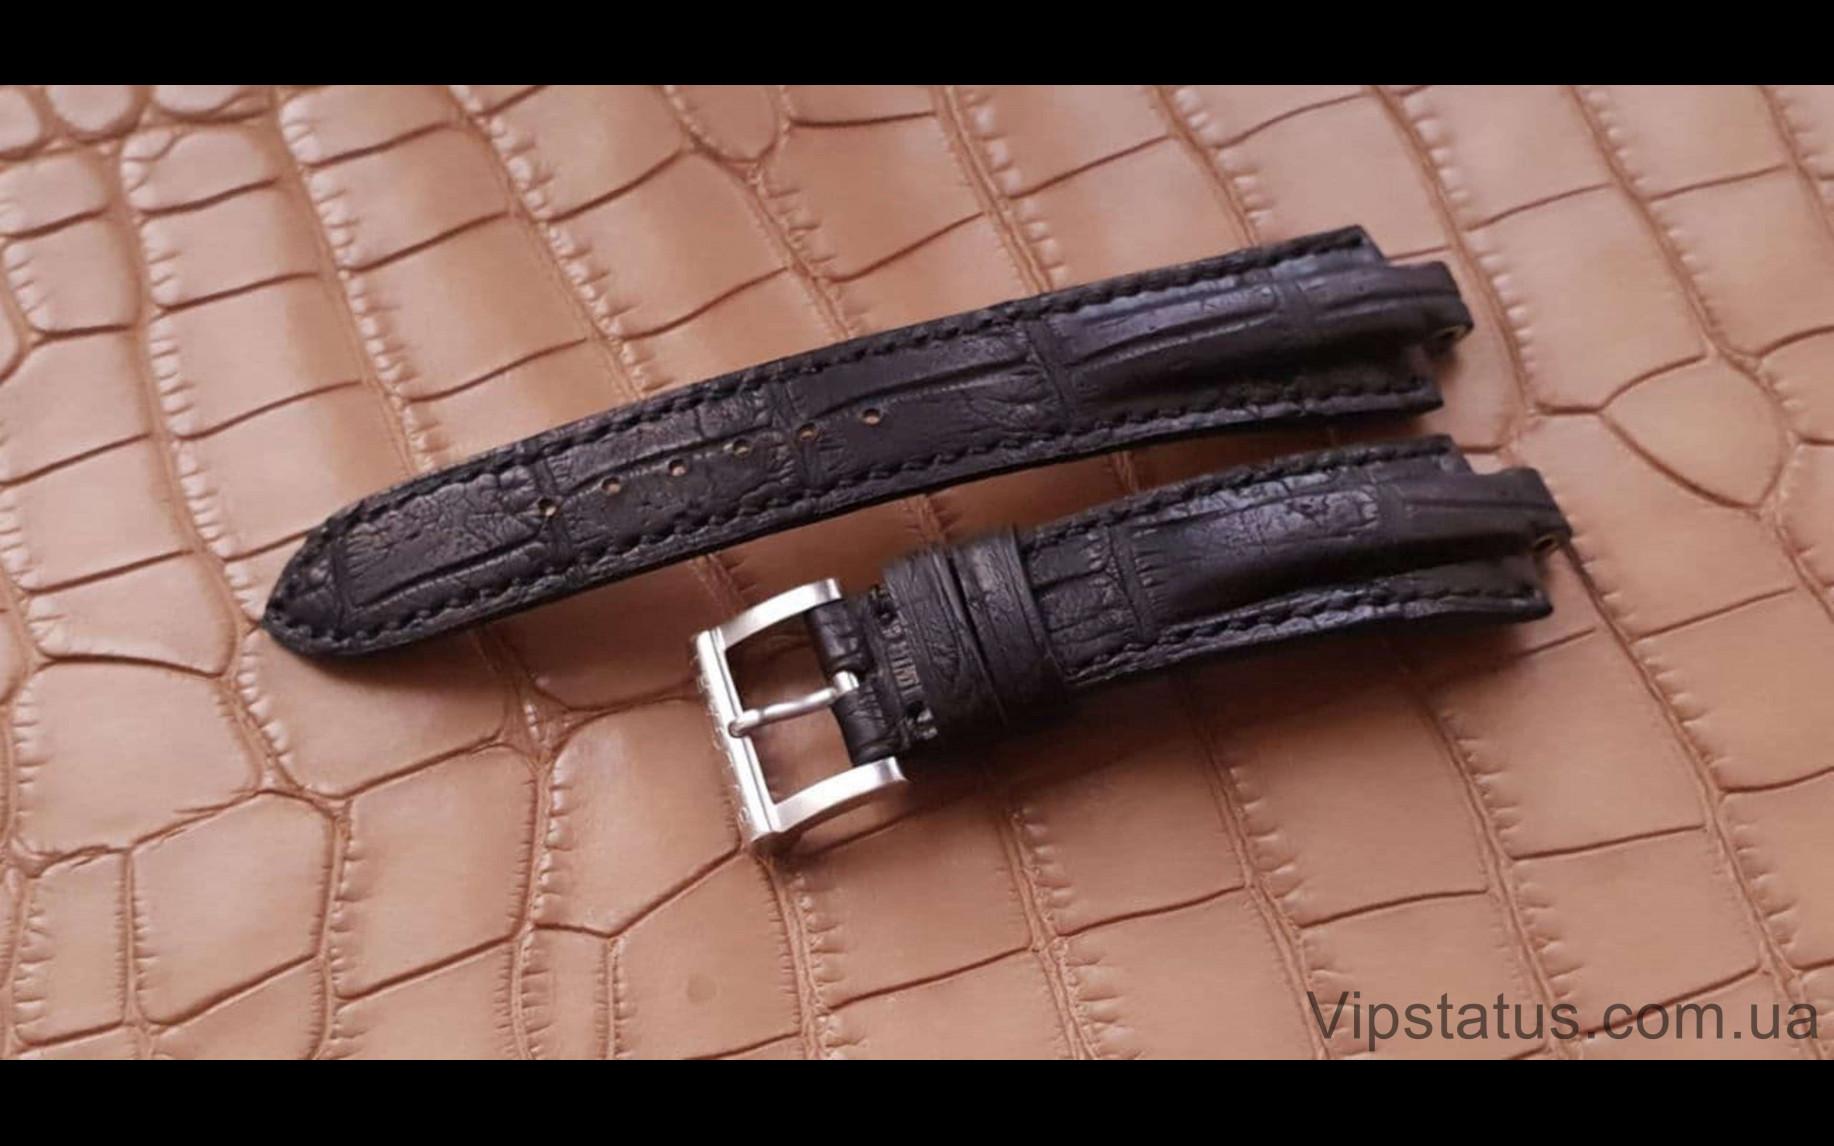 Элитный Эксклюзивный ремешок для часов Bvlgari Black кожа крокодила Элитный ремешок для часов Bvlgari из кожи крокодила изображение 1